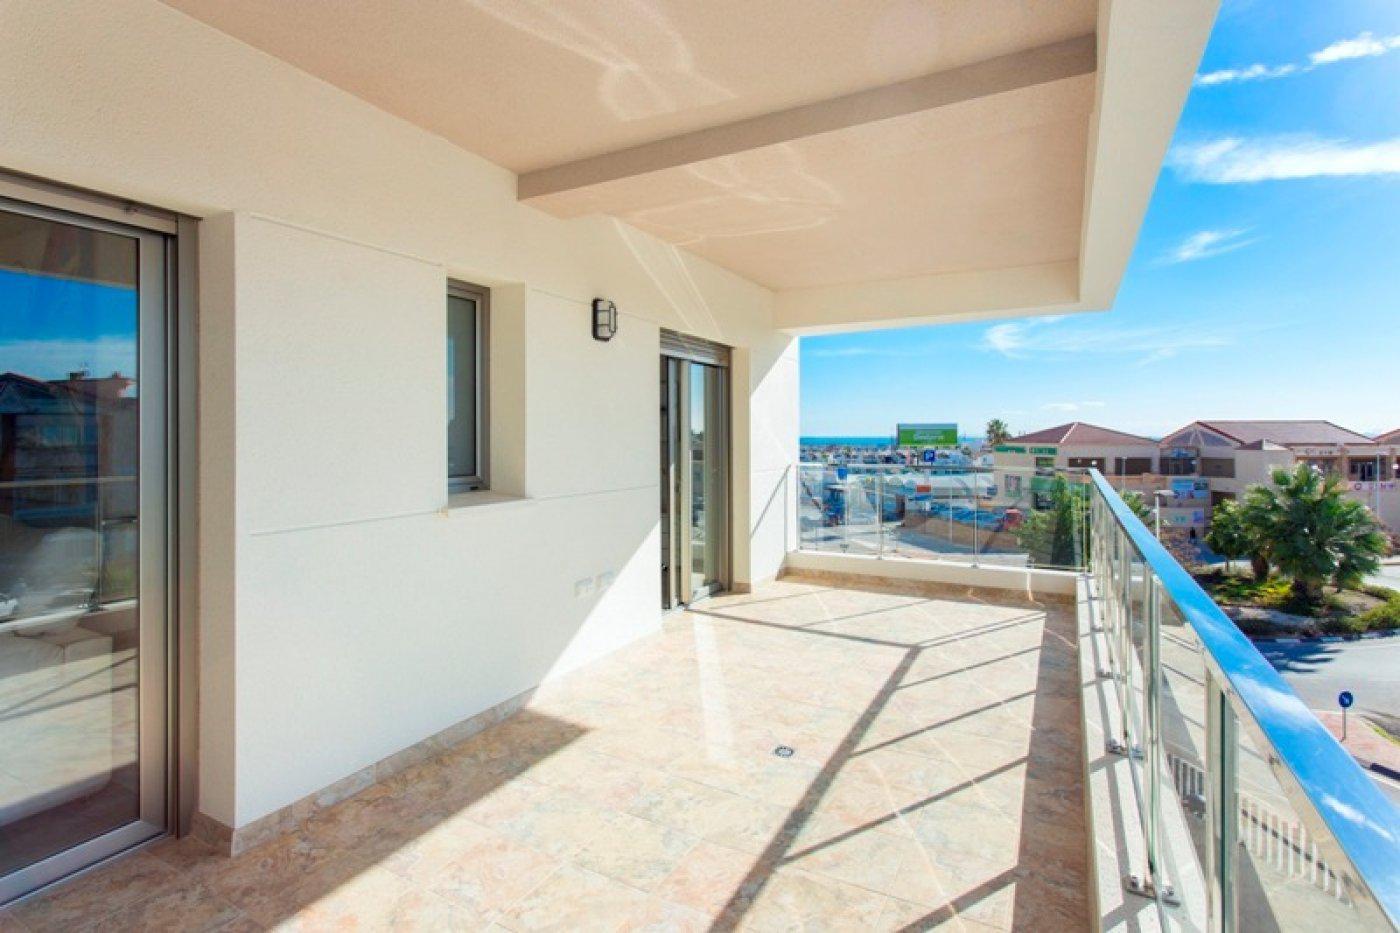 Complejo de estilo moderno con apartamentos de 2,3 dormitorios y 2 baños con amplias terra - imagenInmueble11